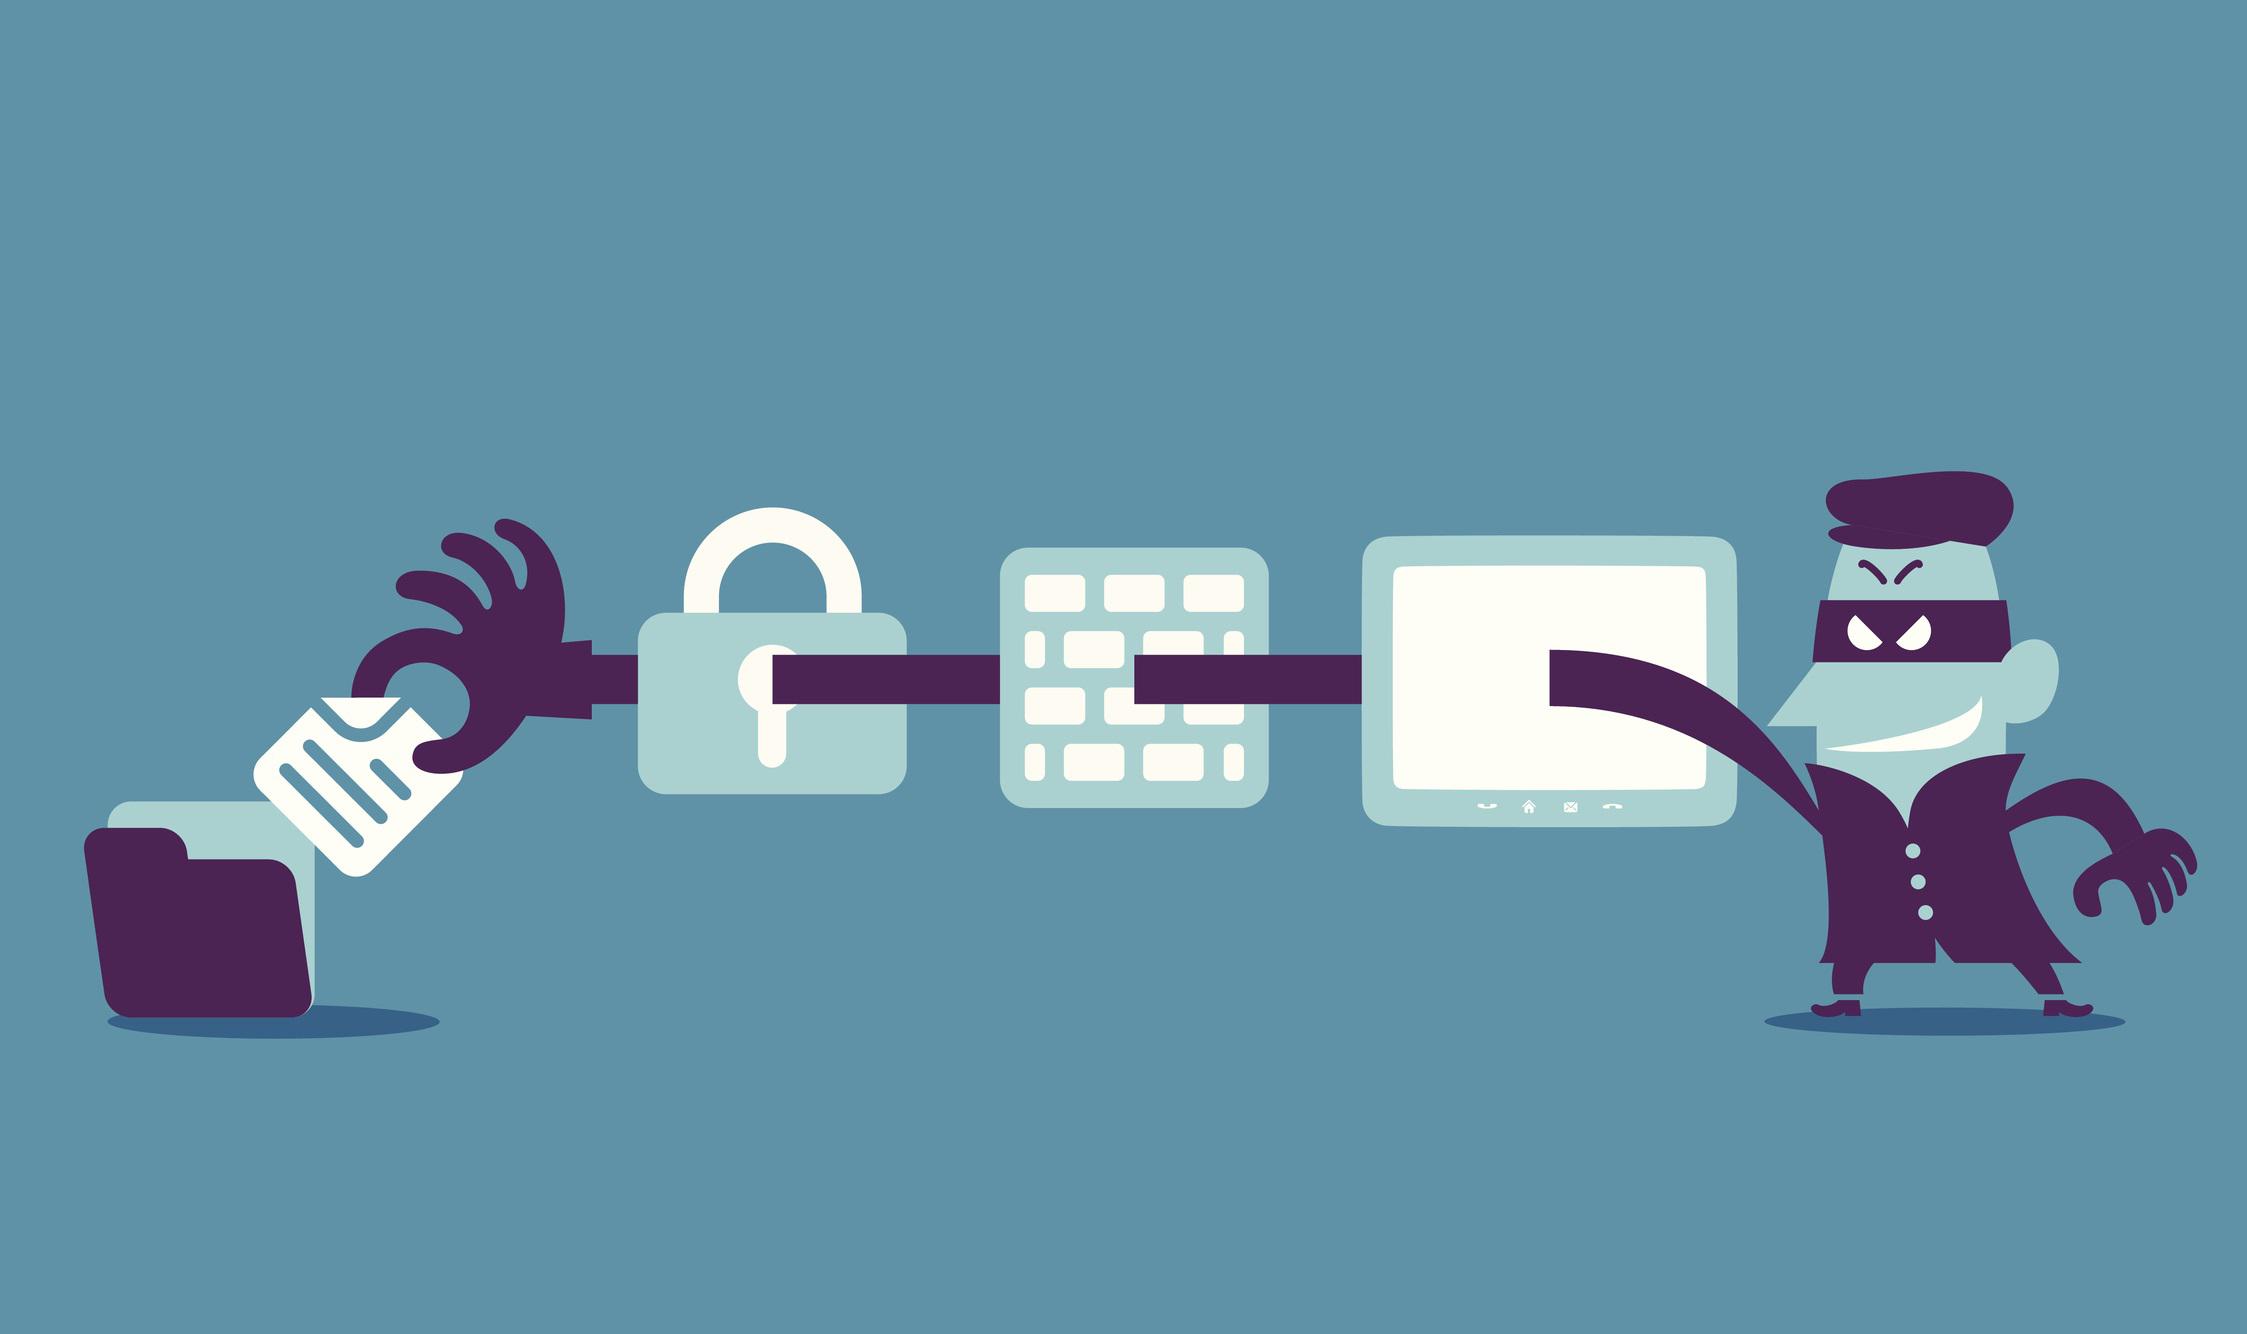 Bảo Mật Thông tin là gì? khái niệm về an toàn thông tin mạng - Transition  Systems Vietnam (TSV)